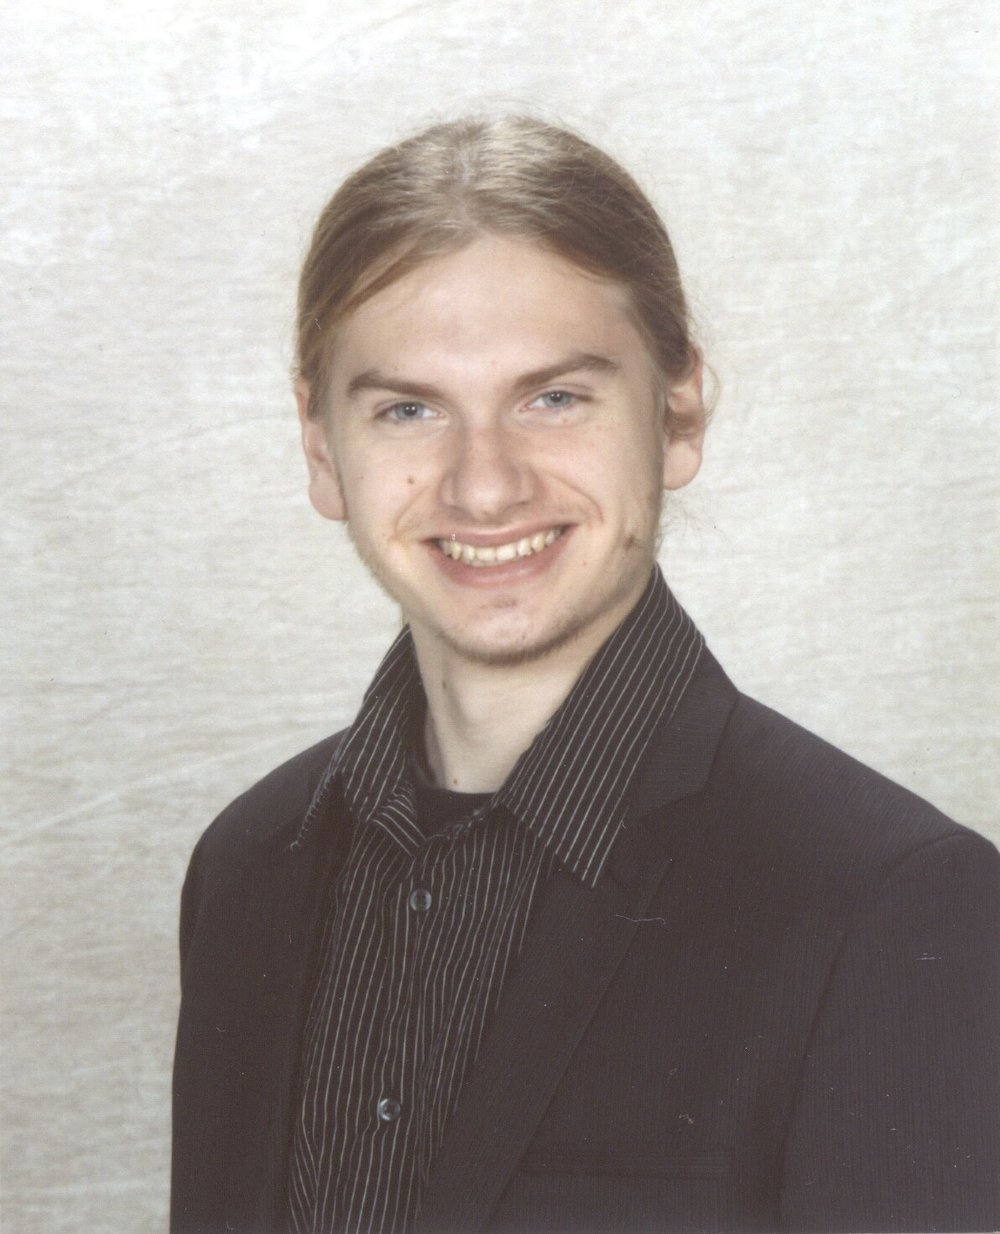 Douglas Starkebaum